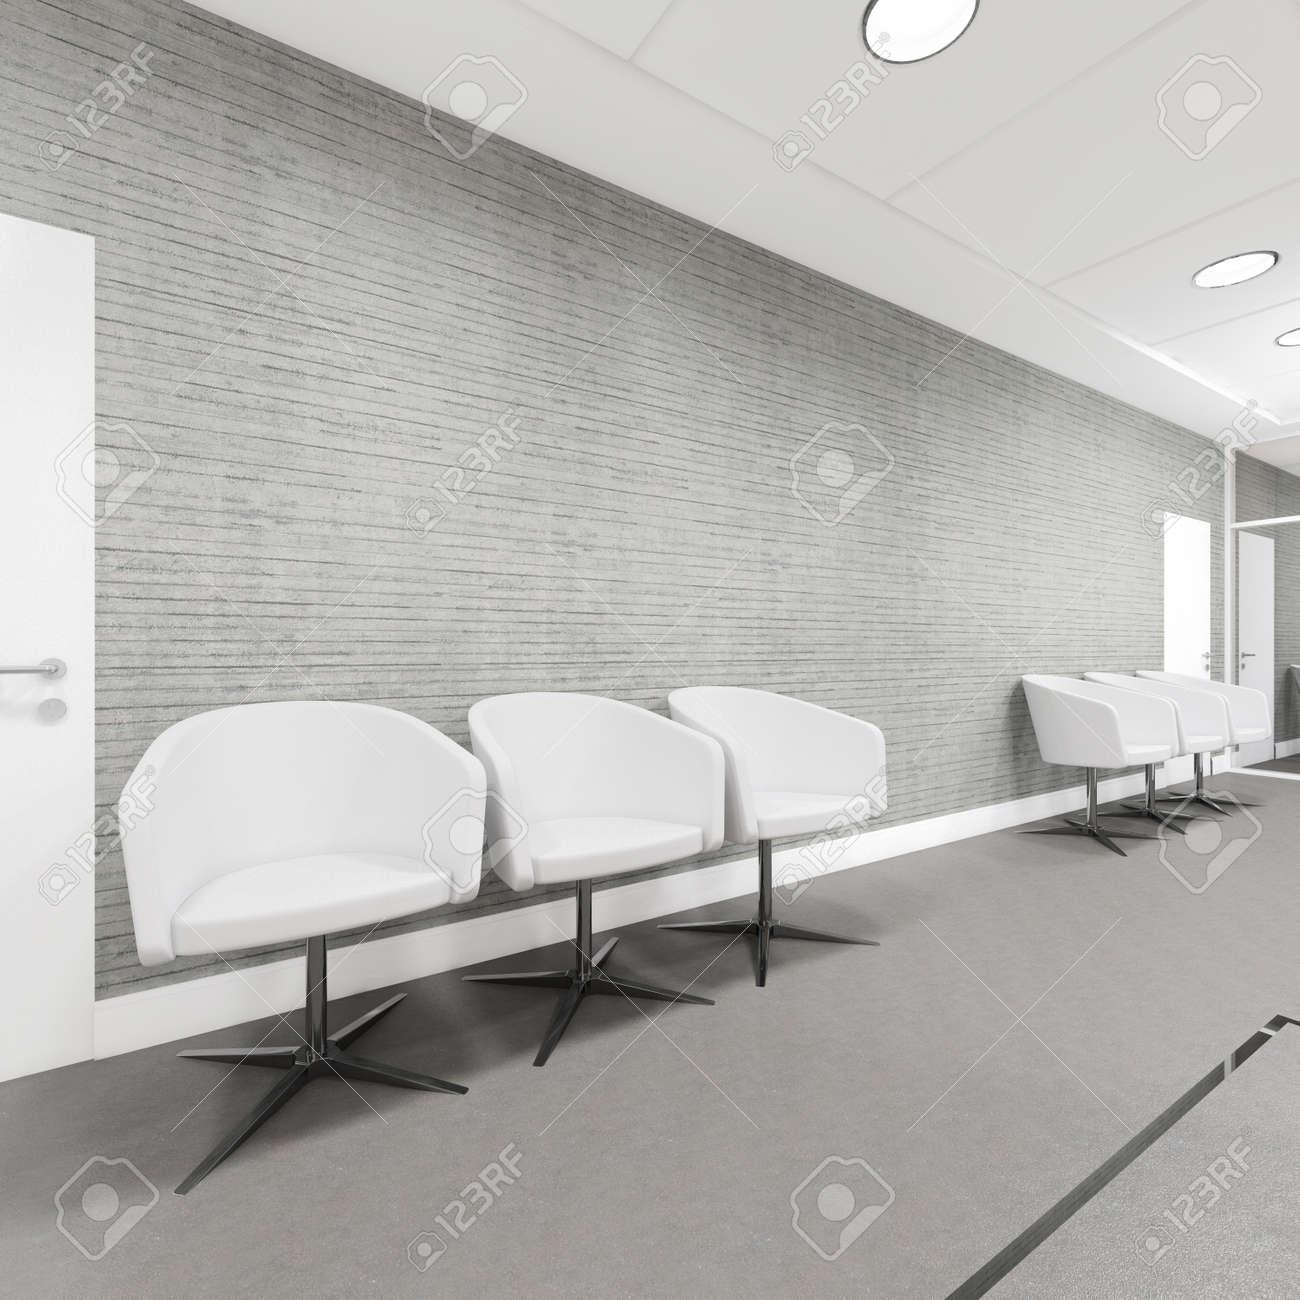 Entrée Bureau Espace intérieur avec fauteuil illustration 3D